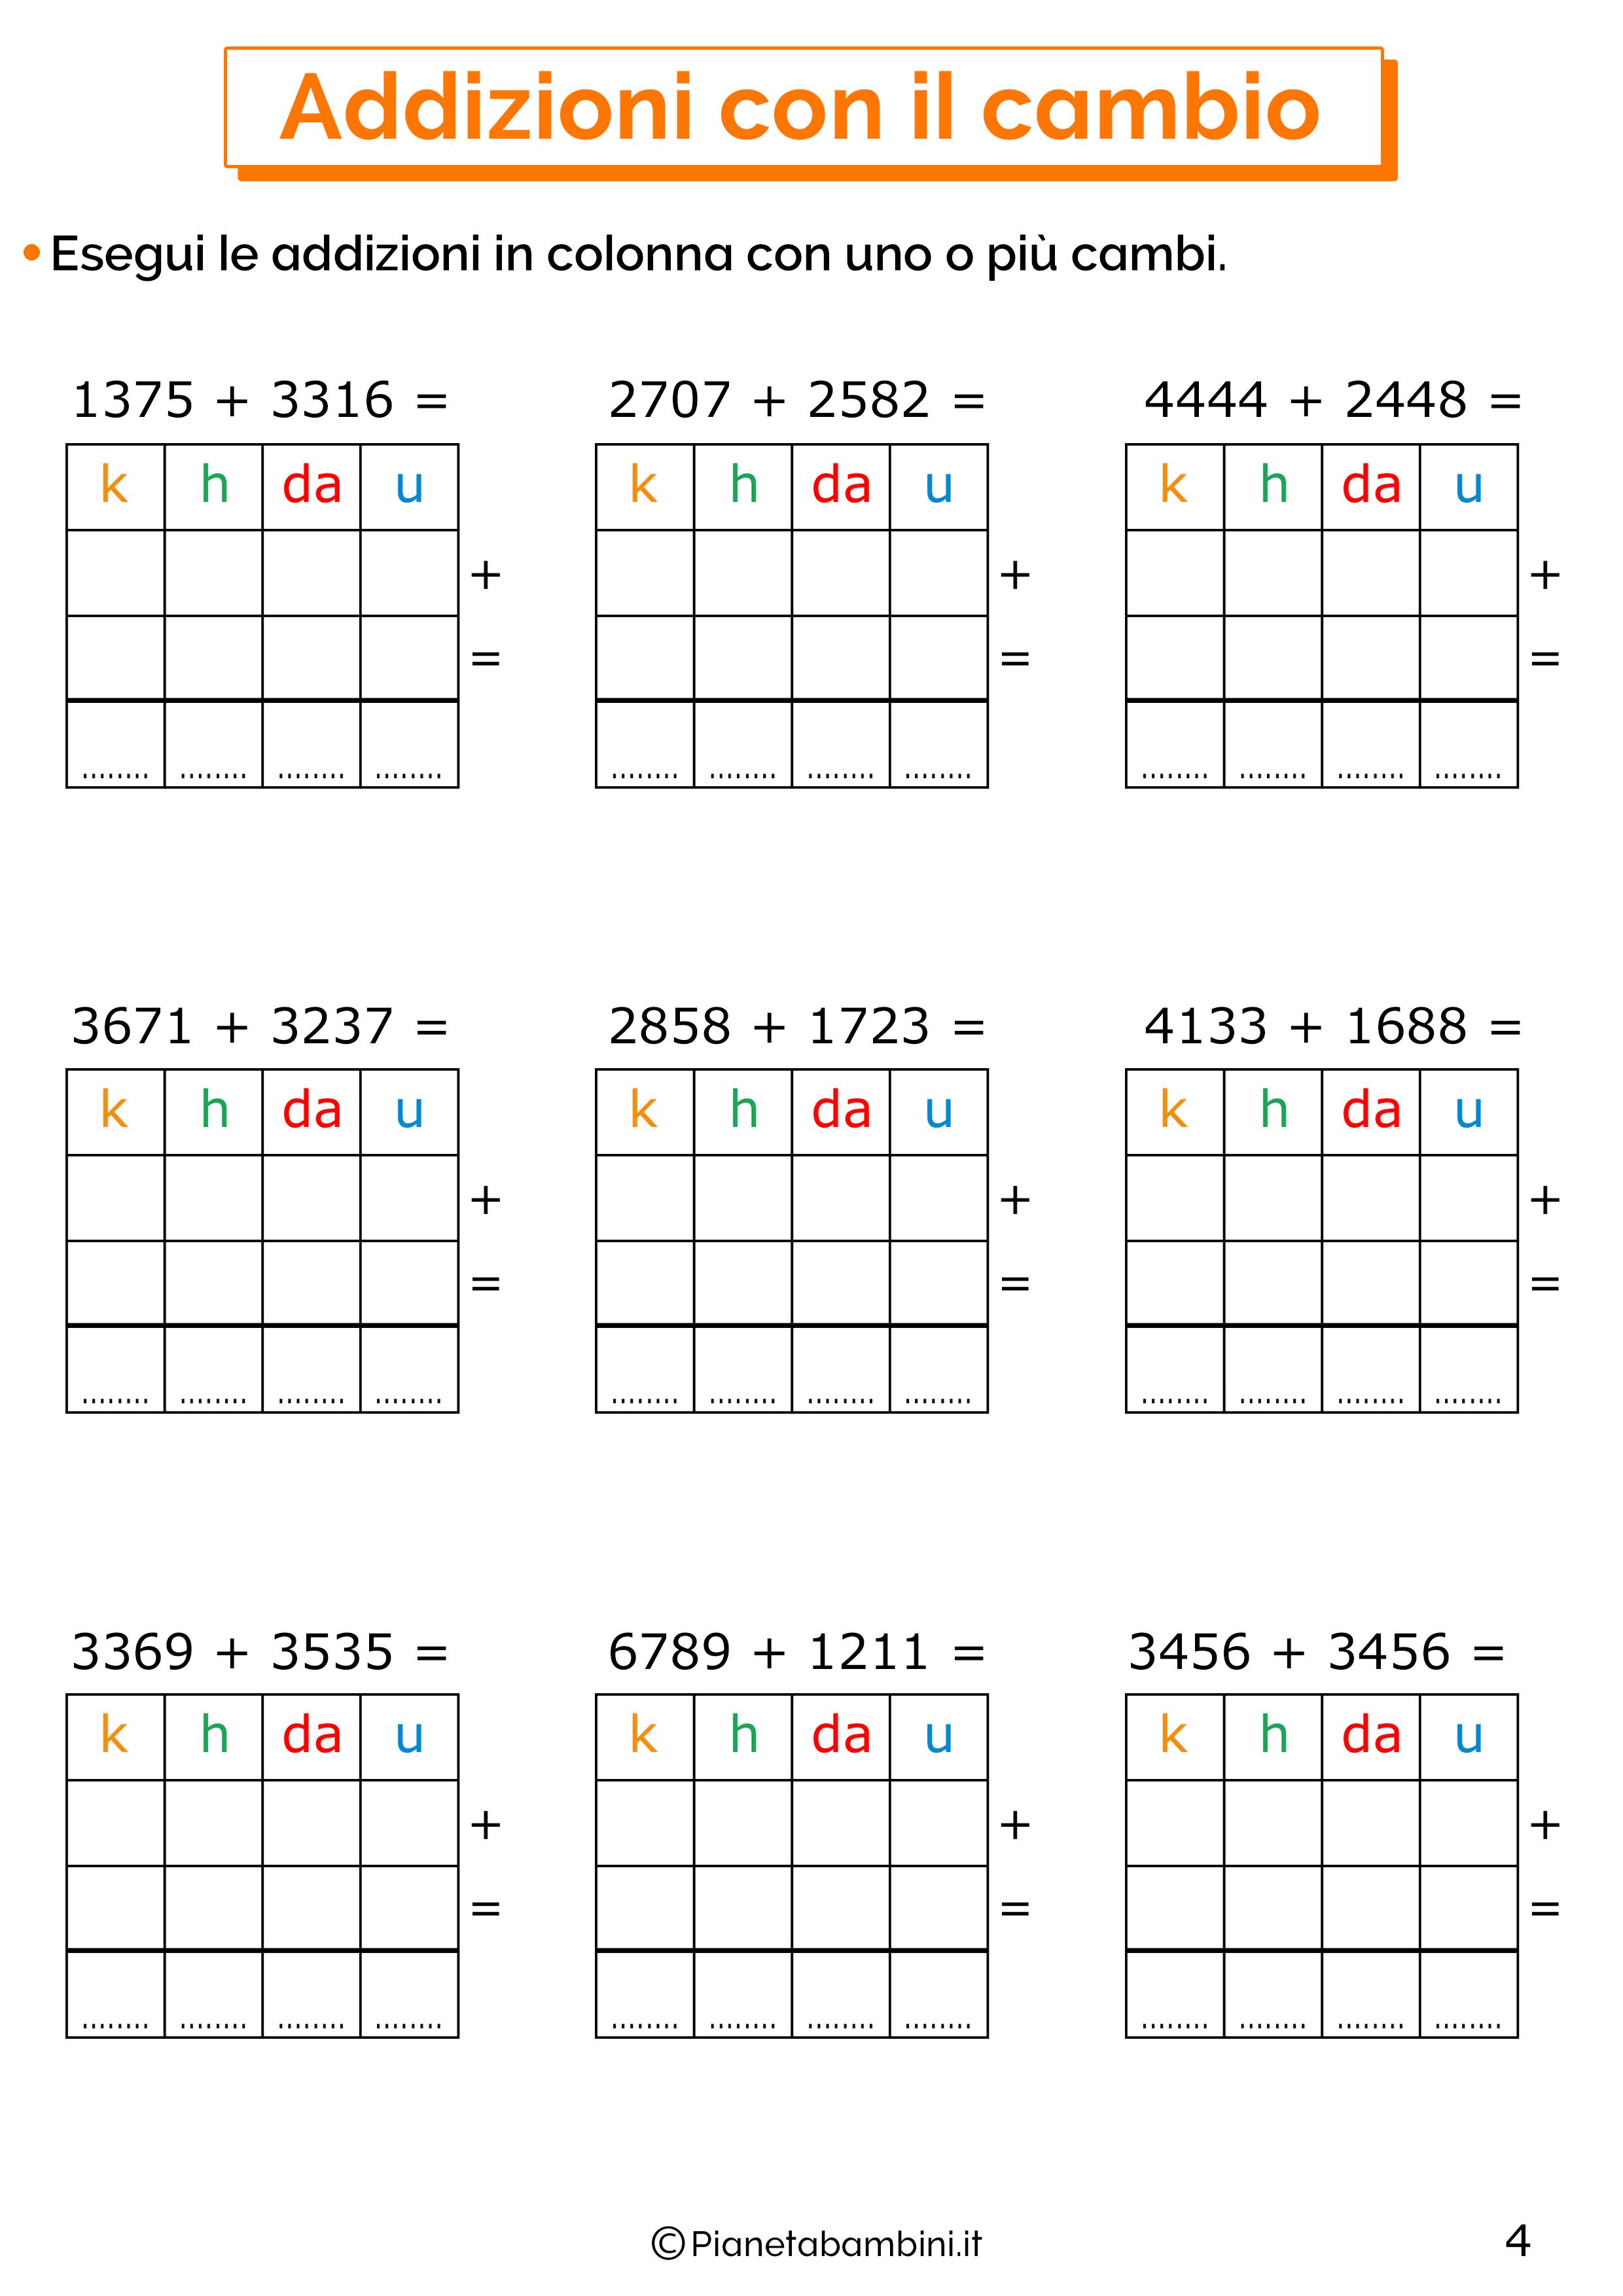 Addizioni in colonna con il cambio a quattro cifre per la classe terza 4